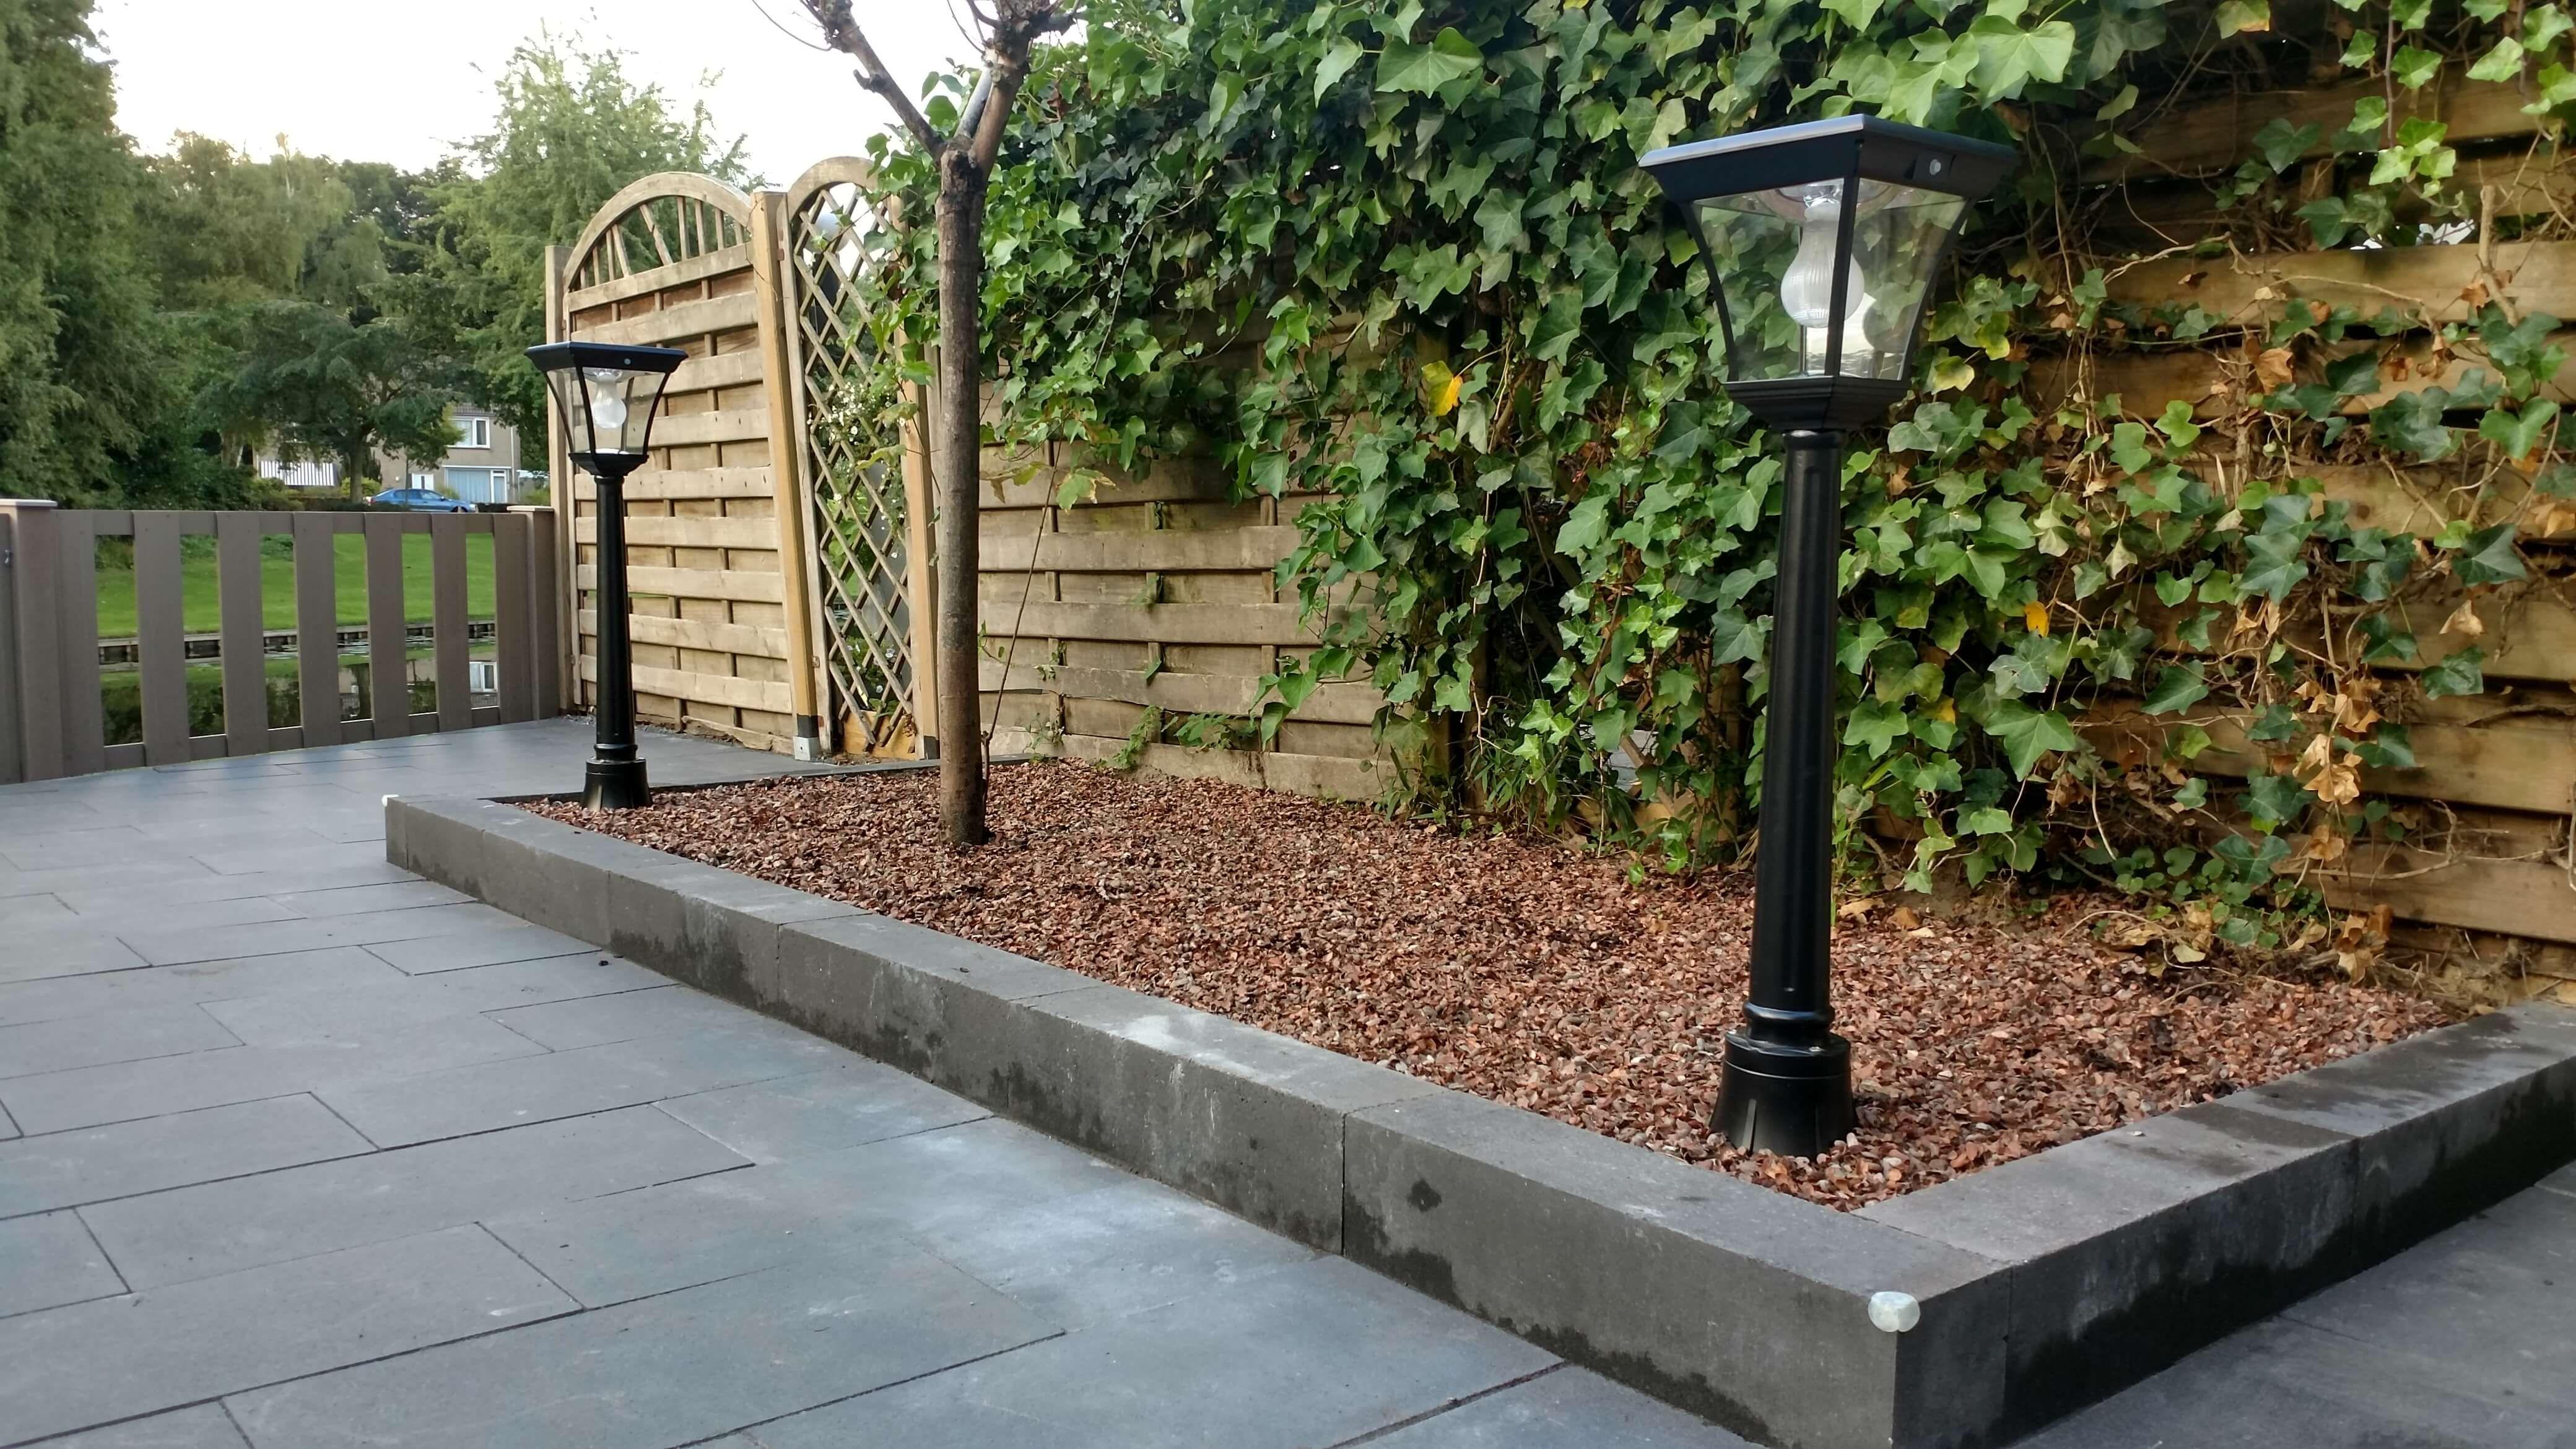 Dag Licht Lamp : Staande lamp london in tuin bij daglicht solar tuinverlichting